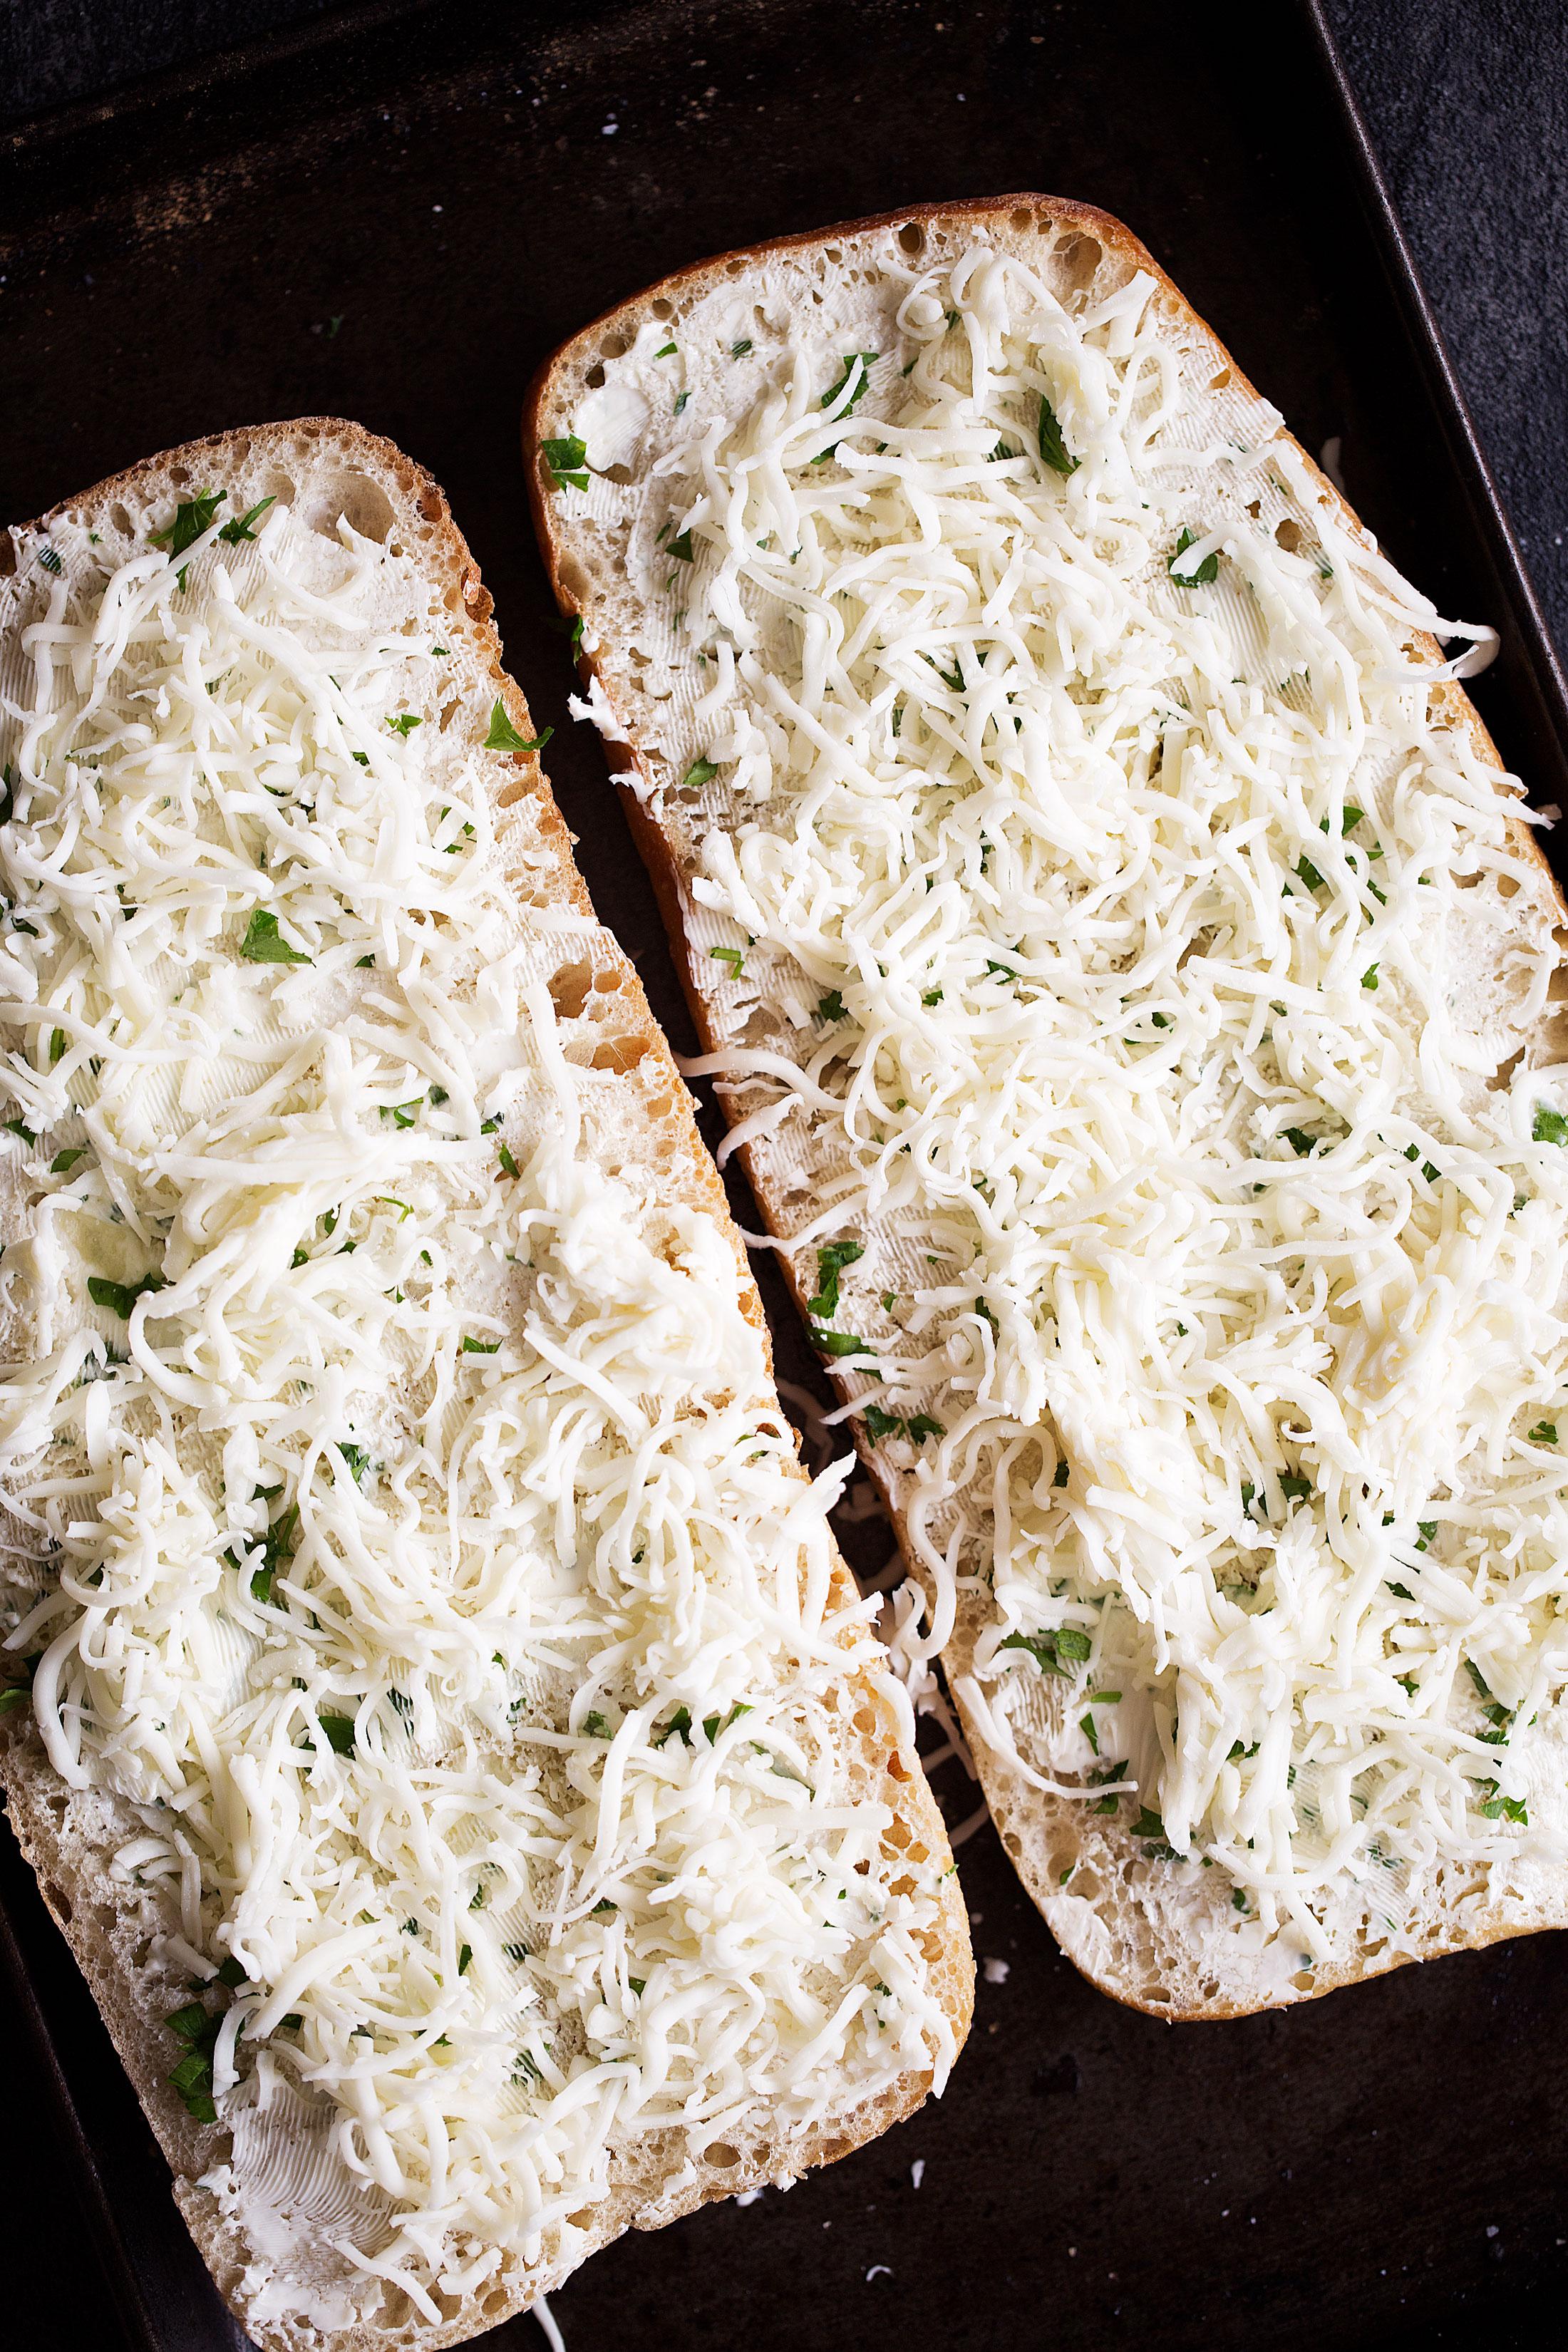 mozzarella cheese on garlic bread